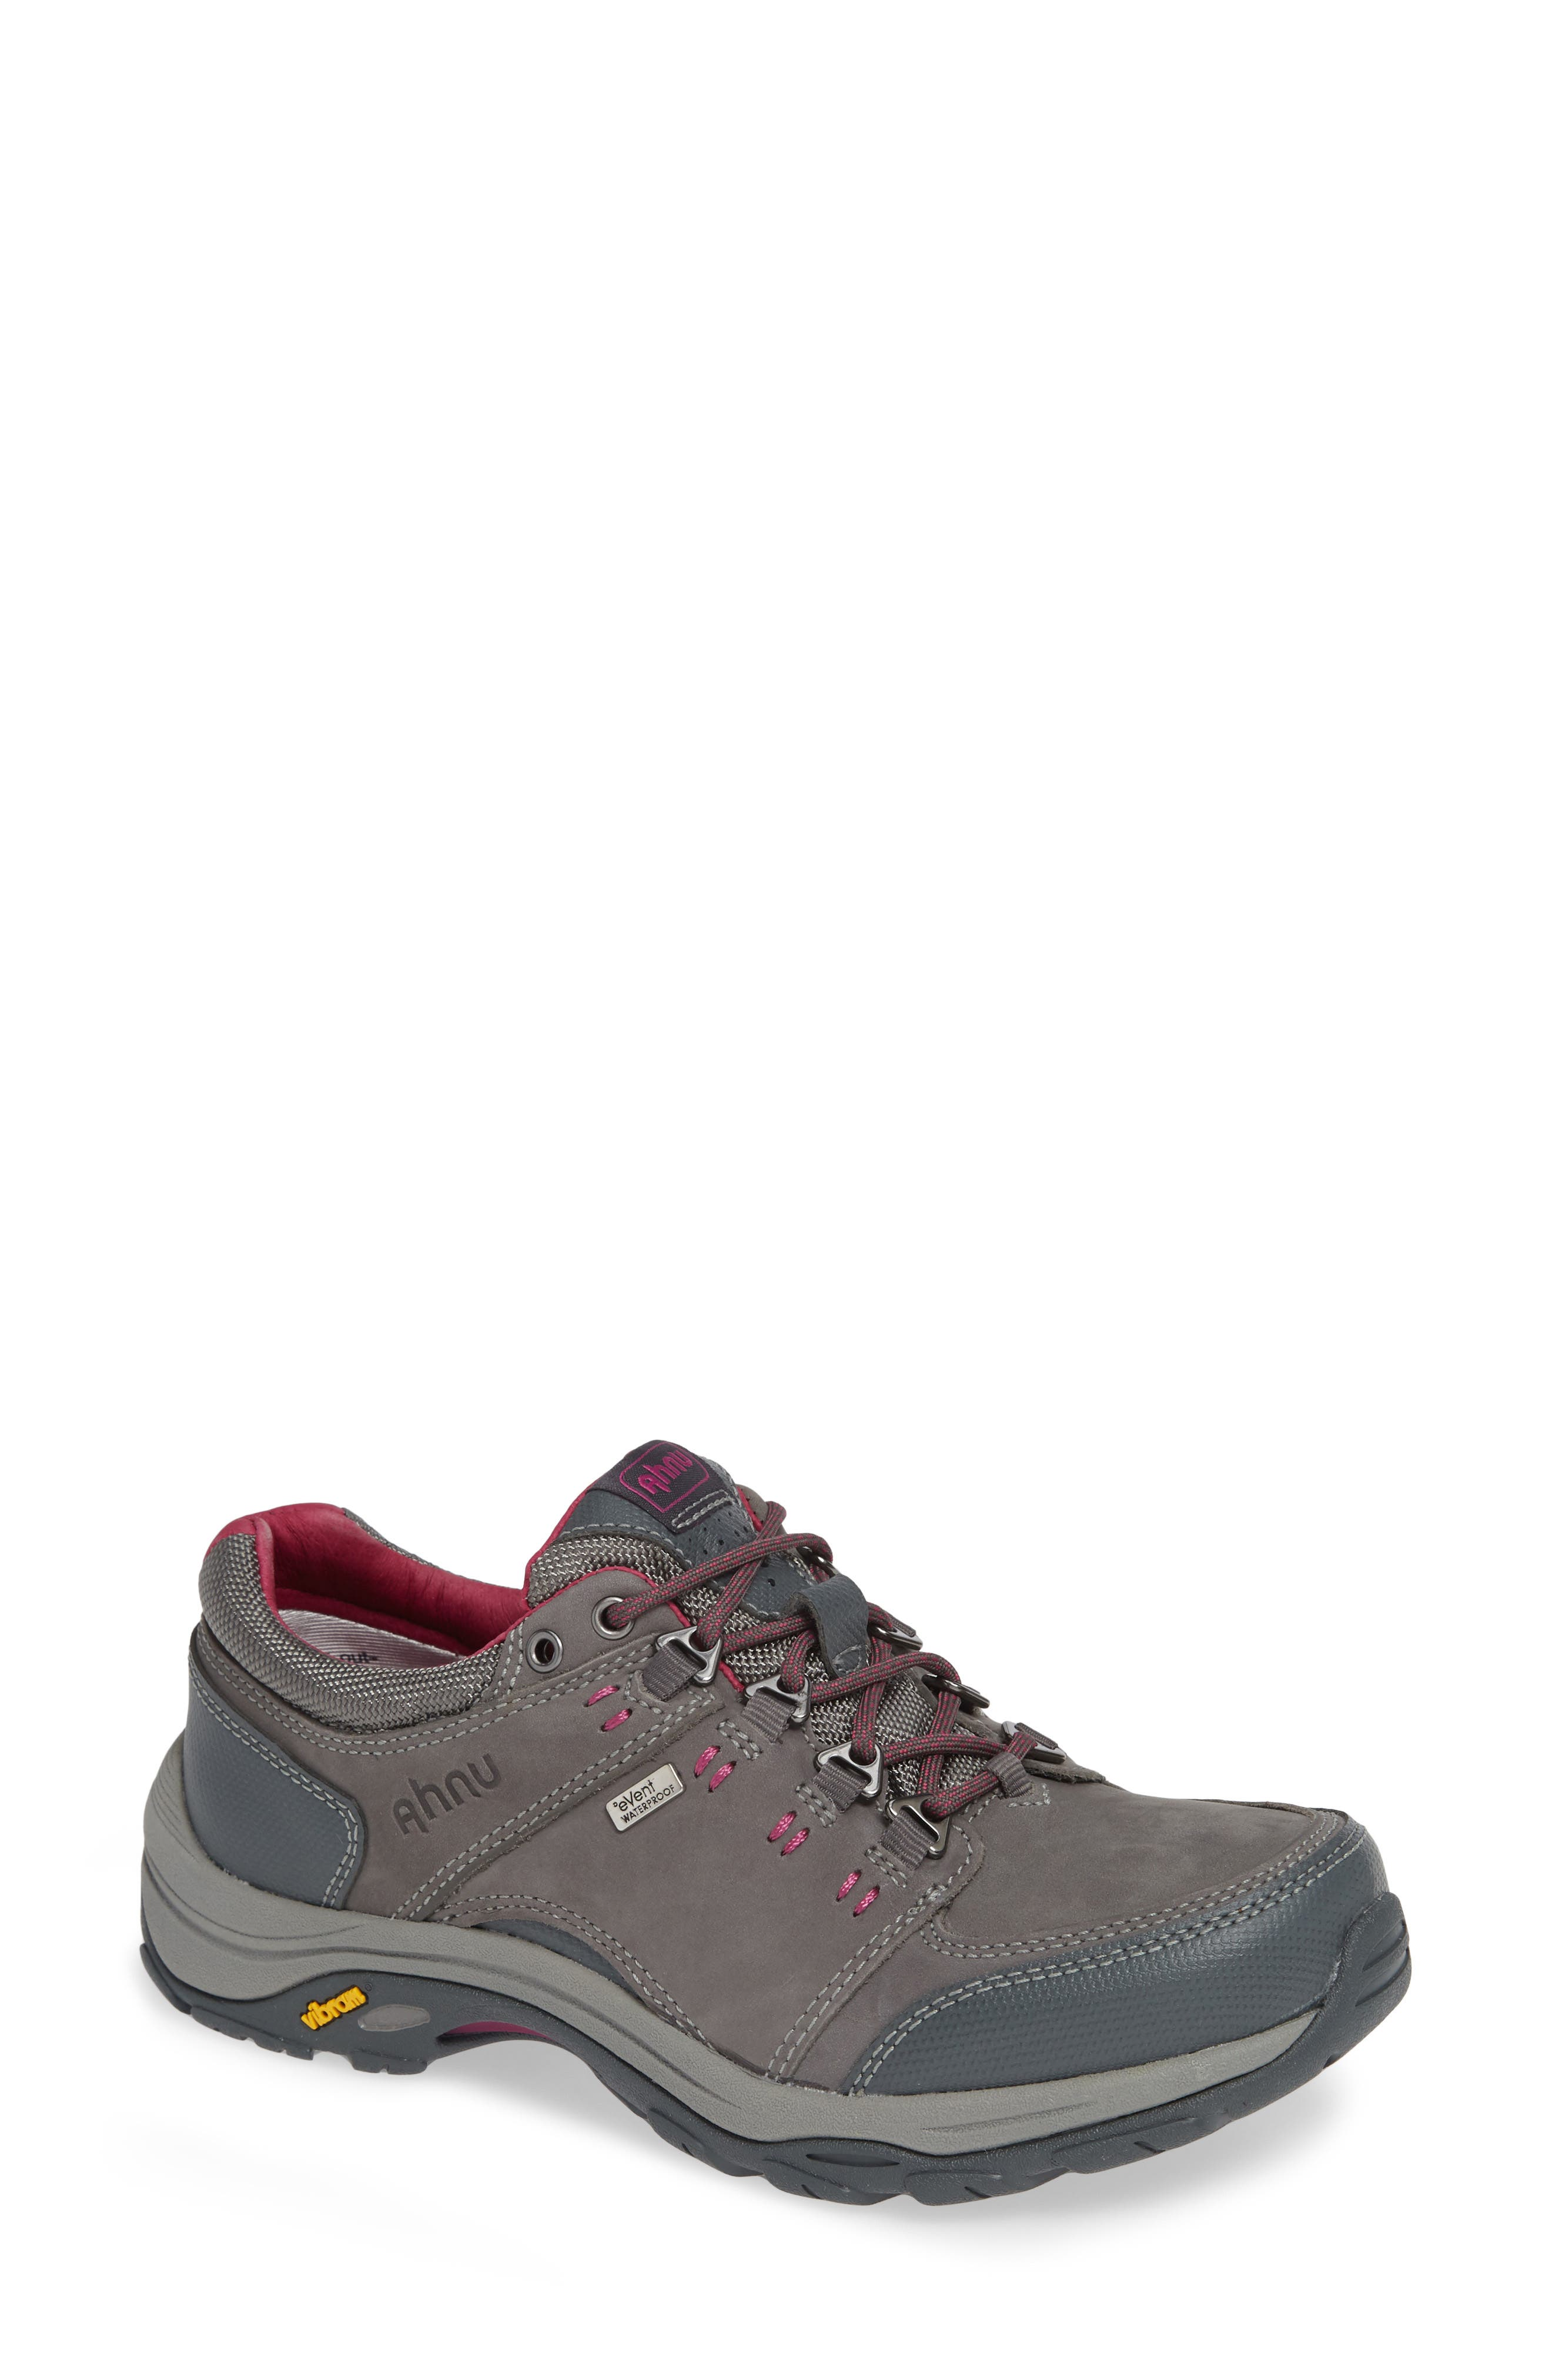 TEVA Ahnu by Teva Montara III Waterproof Hiking Sneaker, Main, color, CHARCOAL GRAY NUBUCK LEATHER